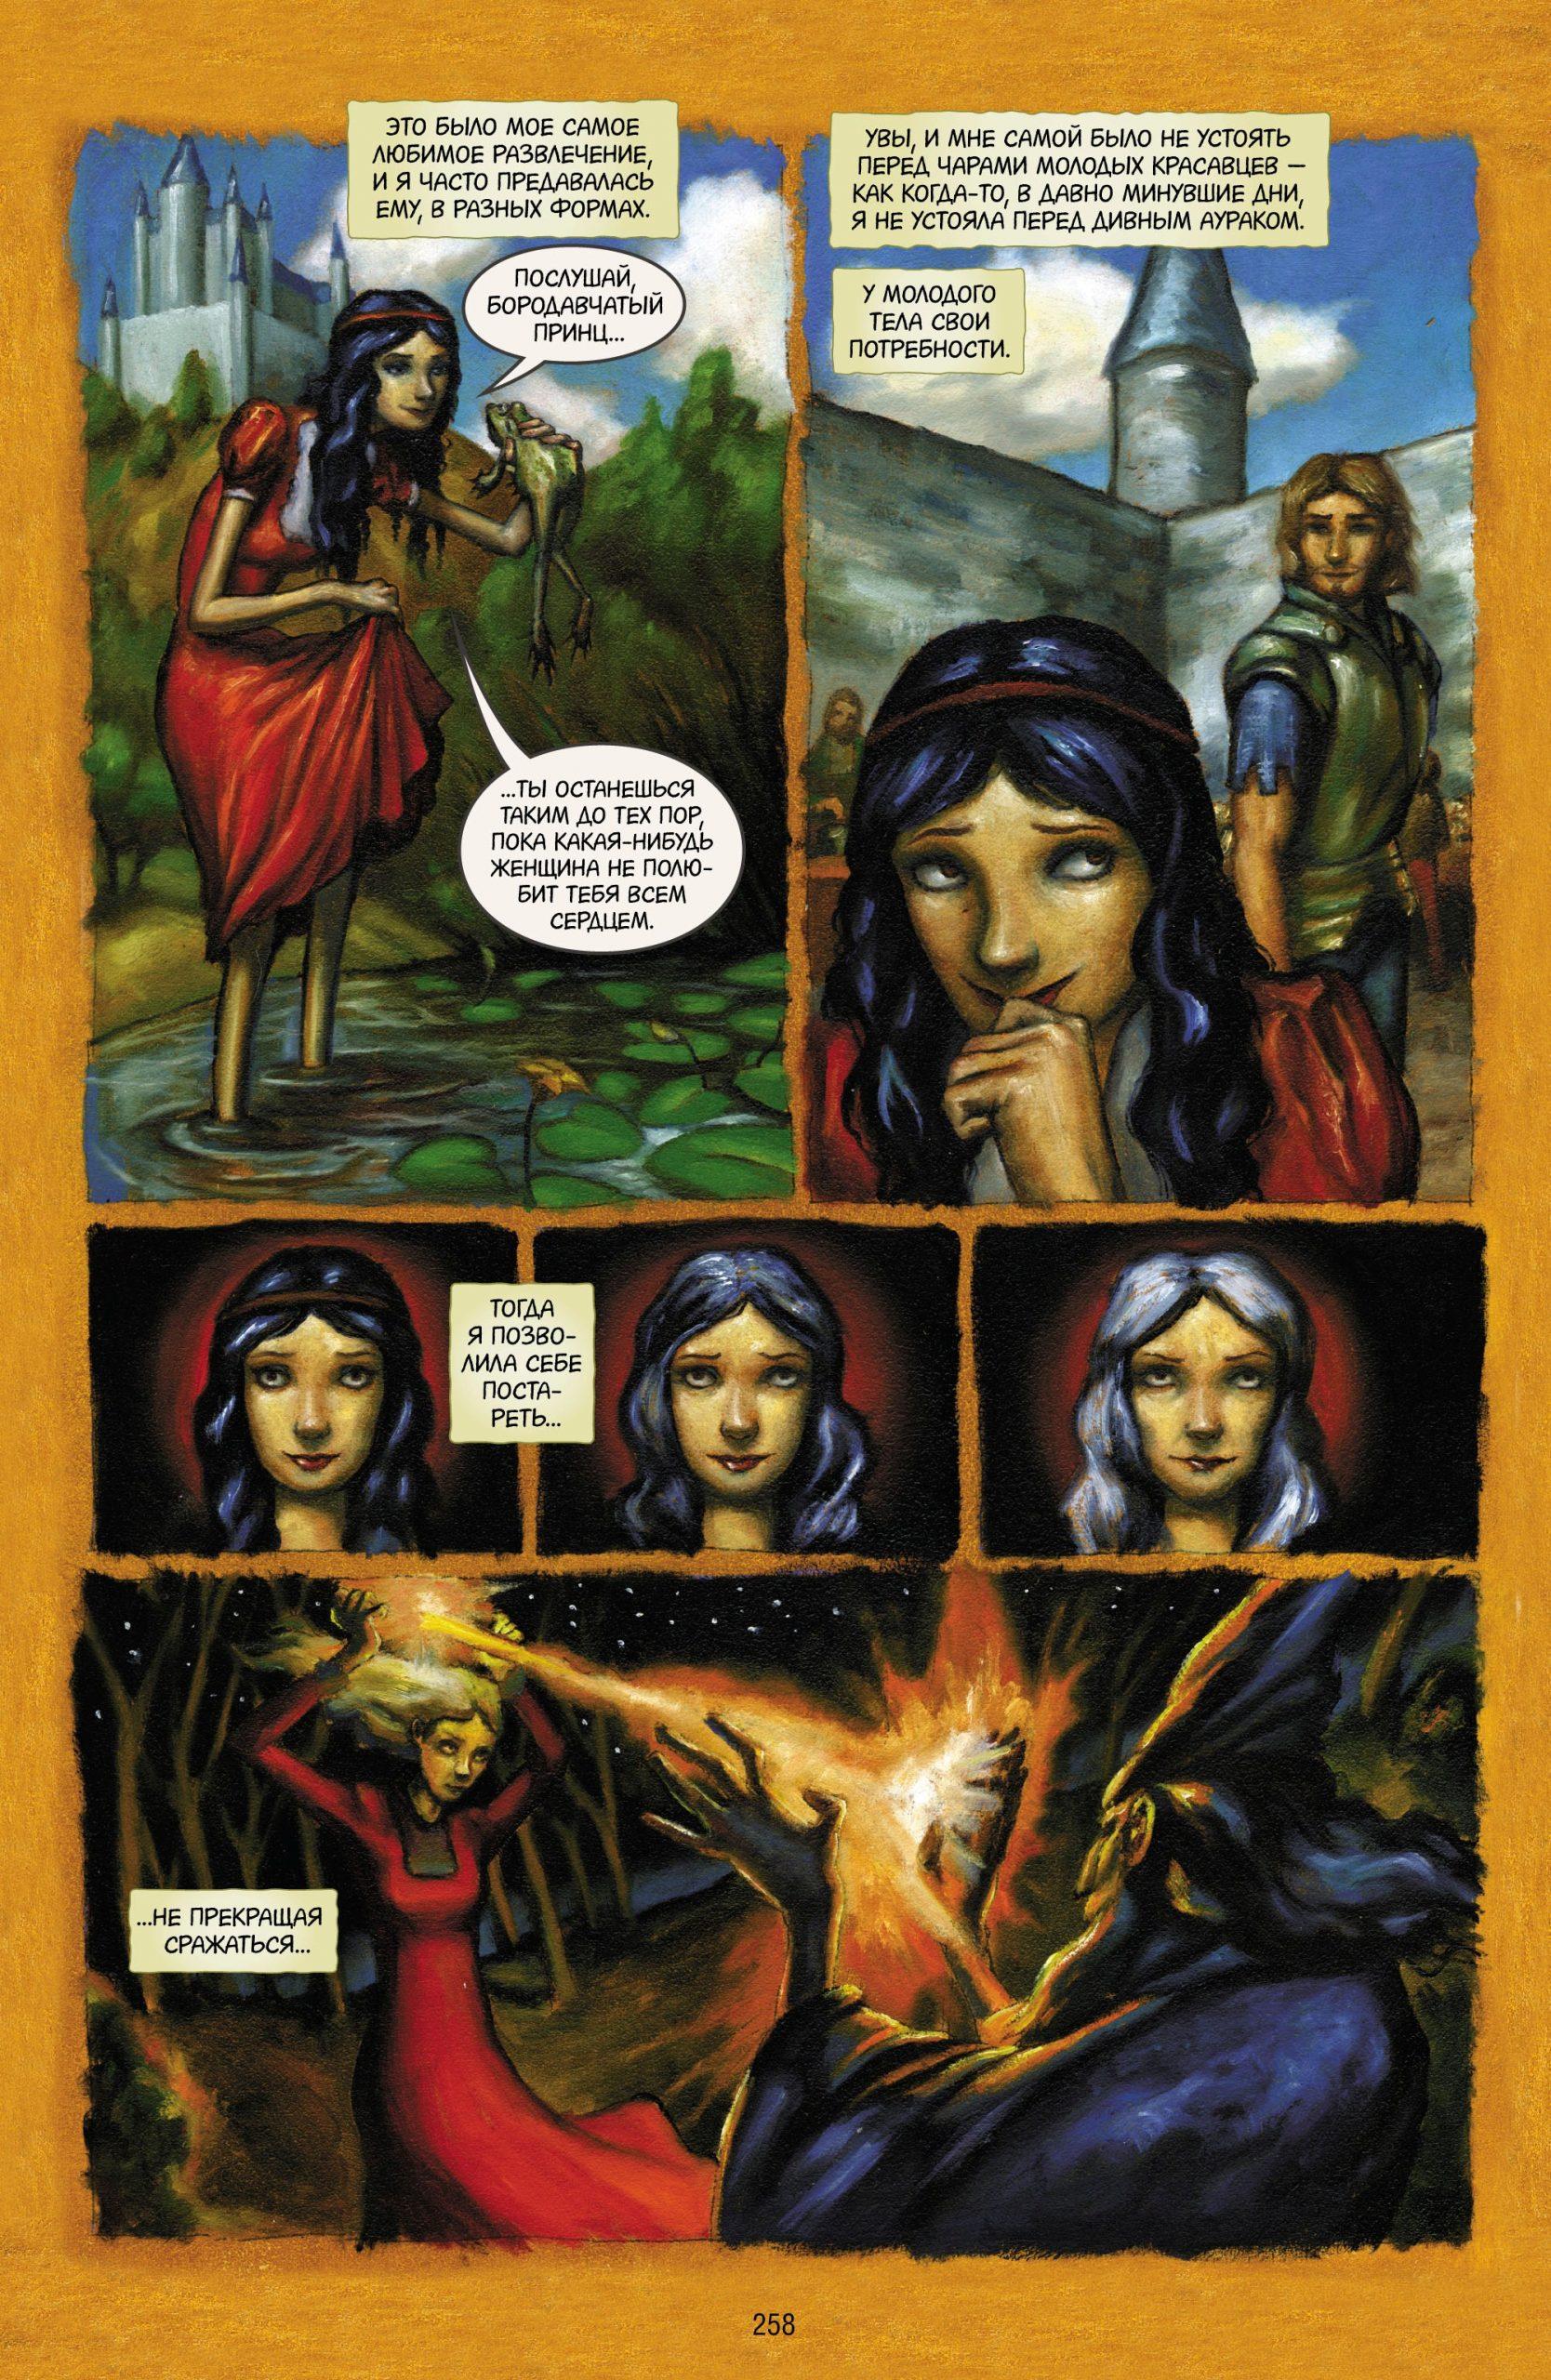 Читаем комикс «Сказки: Диаспора»: жестокие сказки о древней ведьме 6